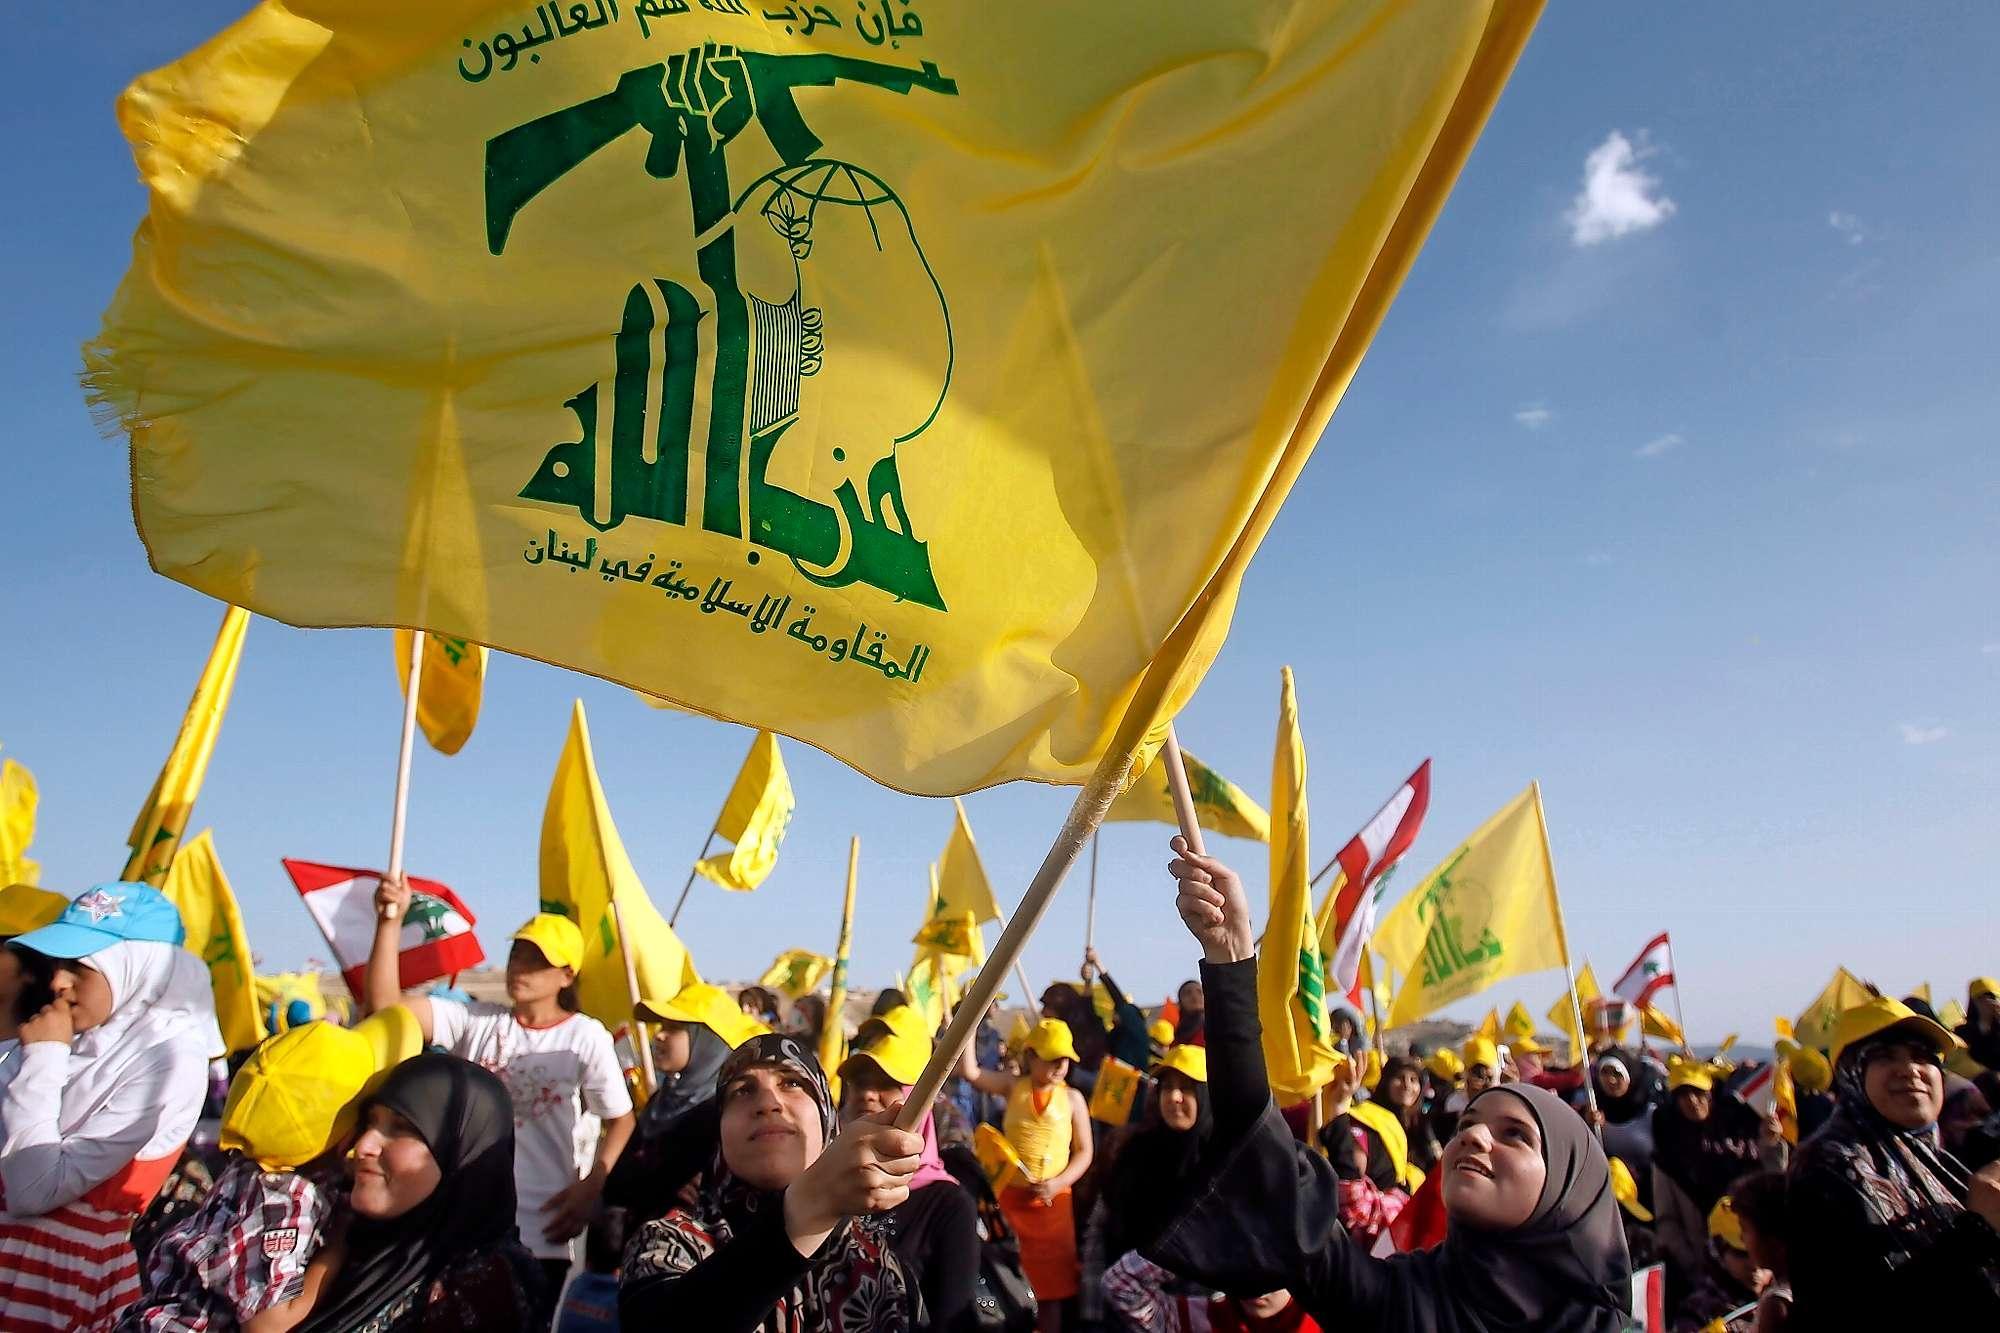 حزب الله و توازن القوى في لبنان